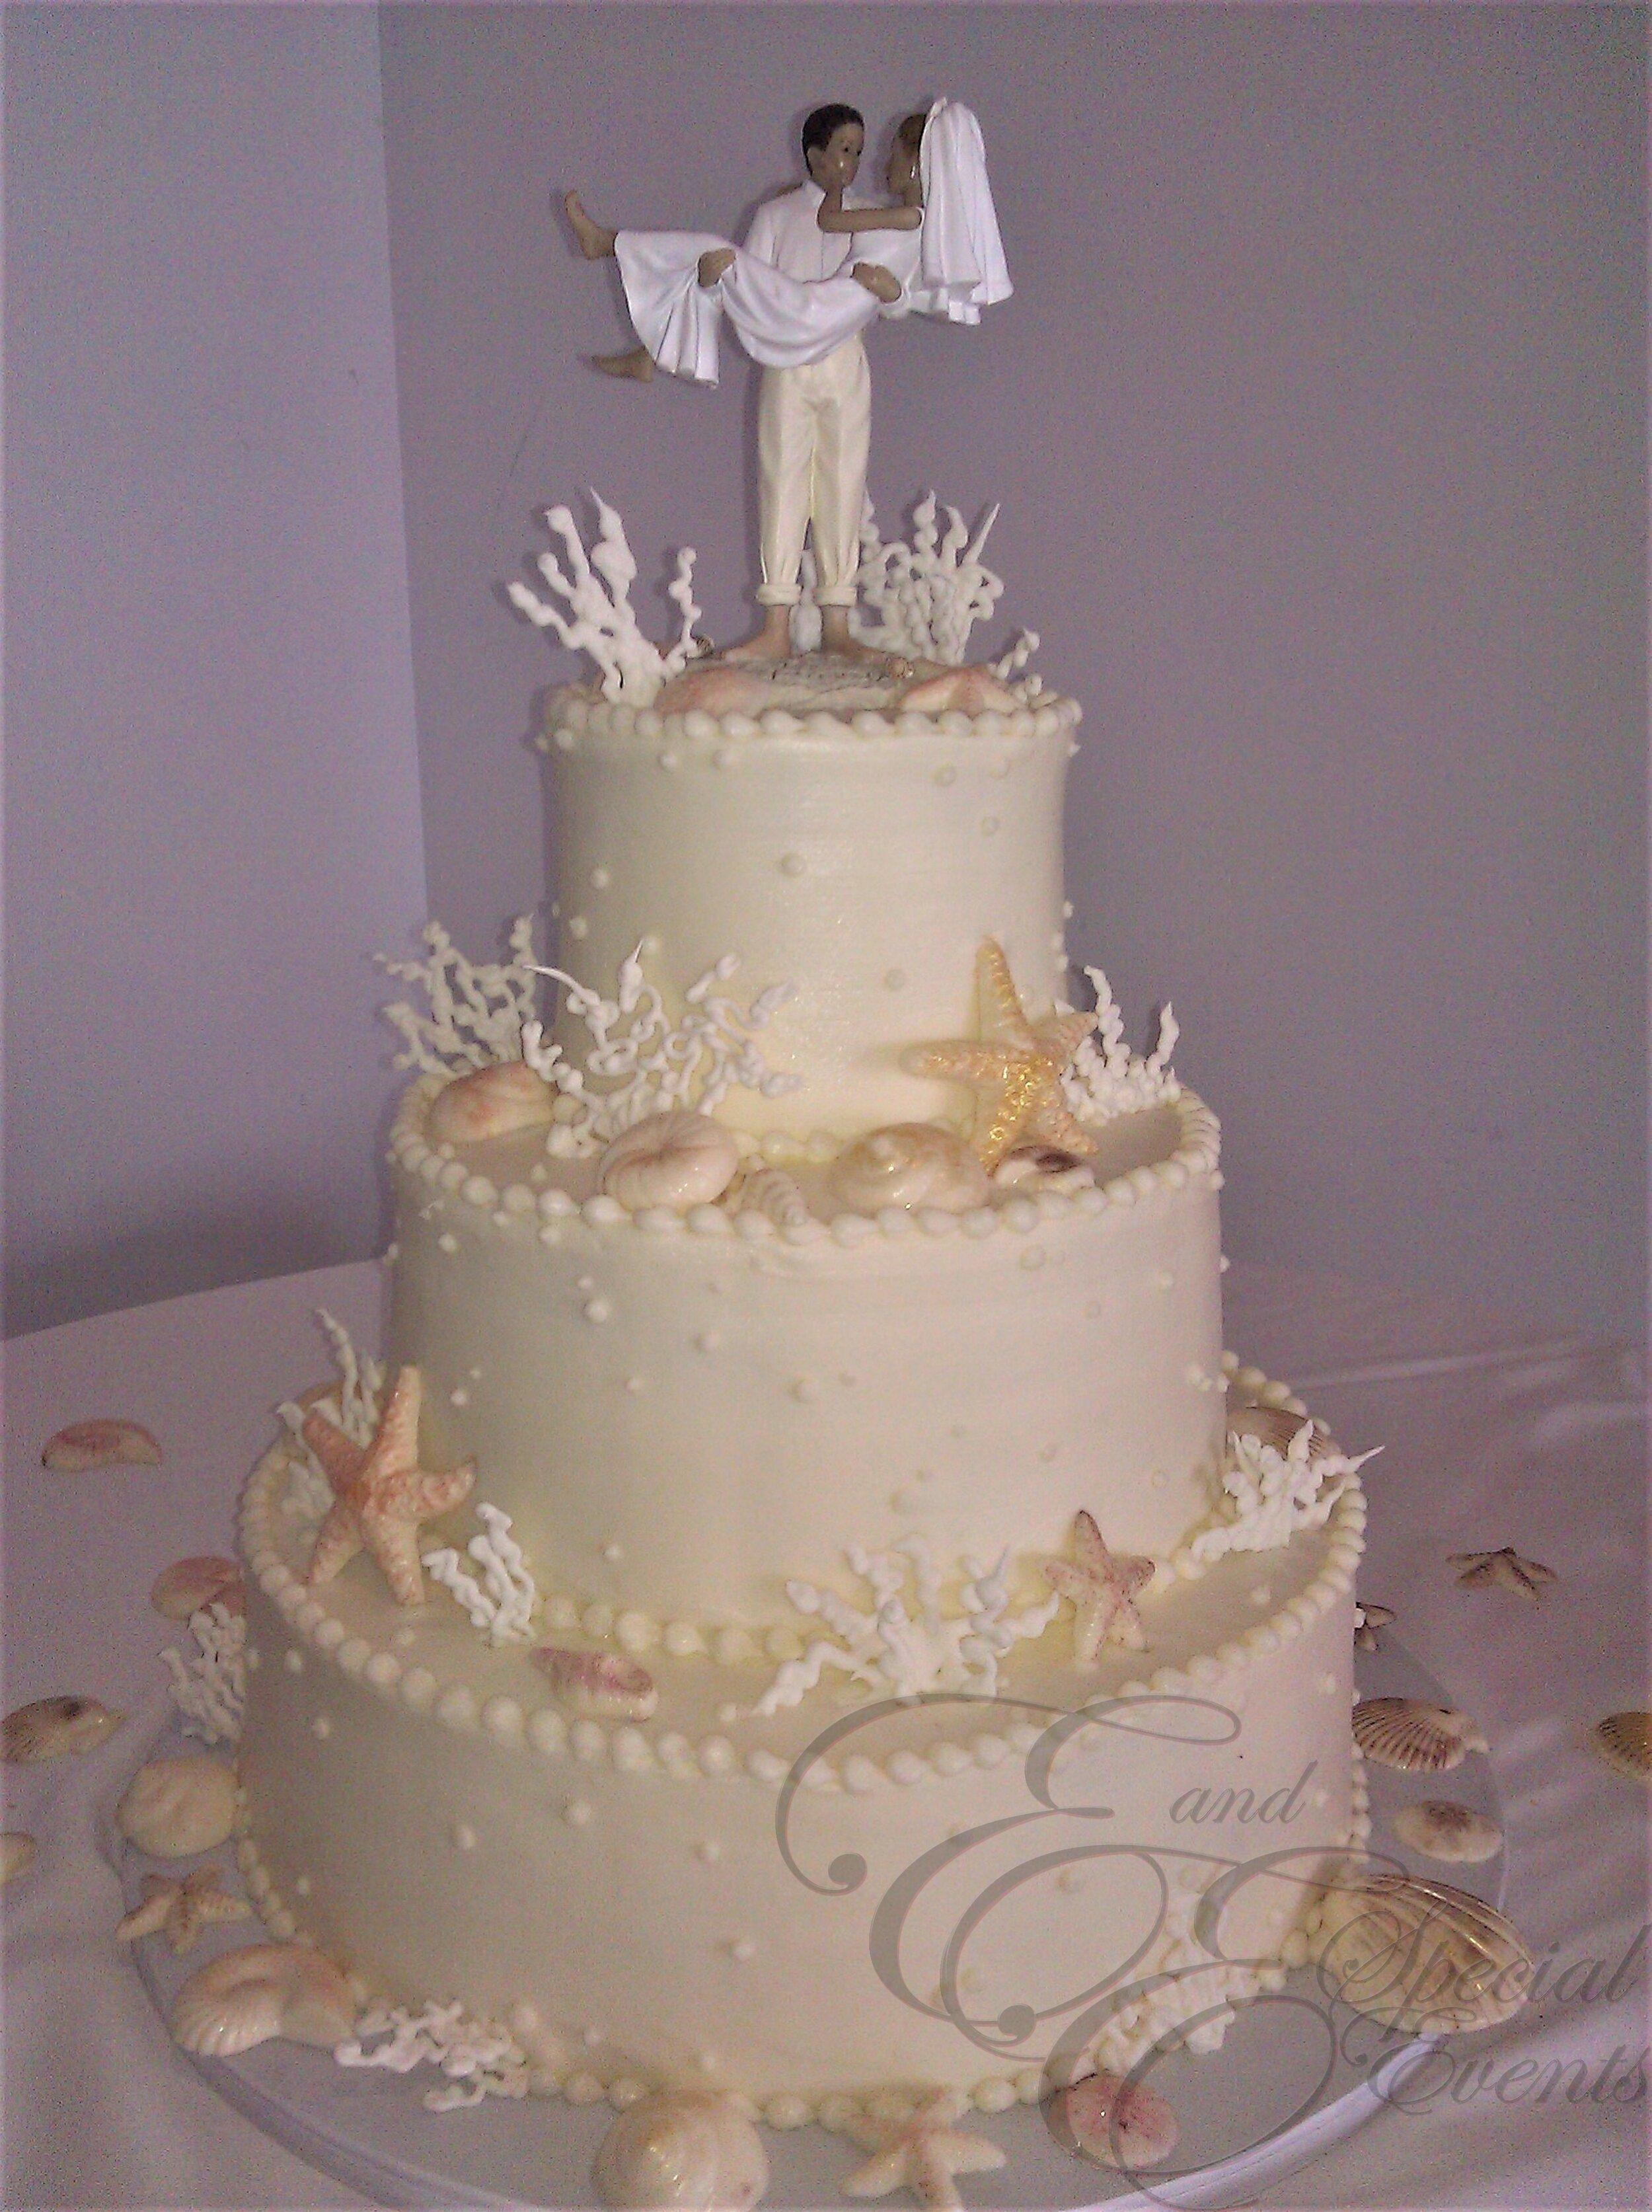 E_E_Special_Events_Wedding_Cakes_Virginia_Beach_Hampton_Roads1.jpg